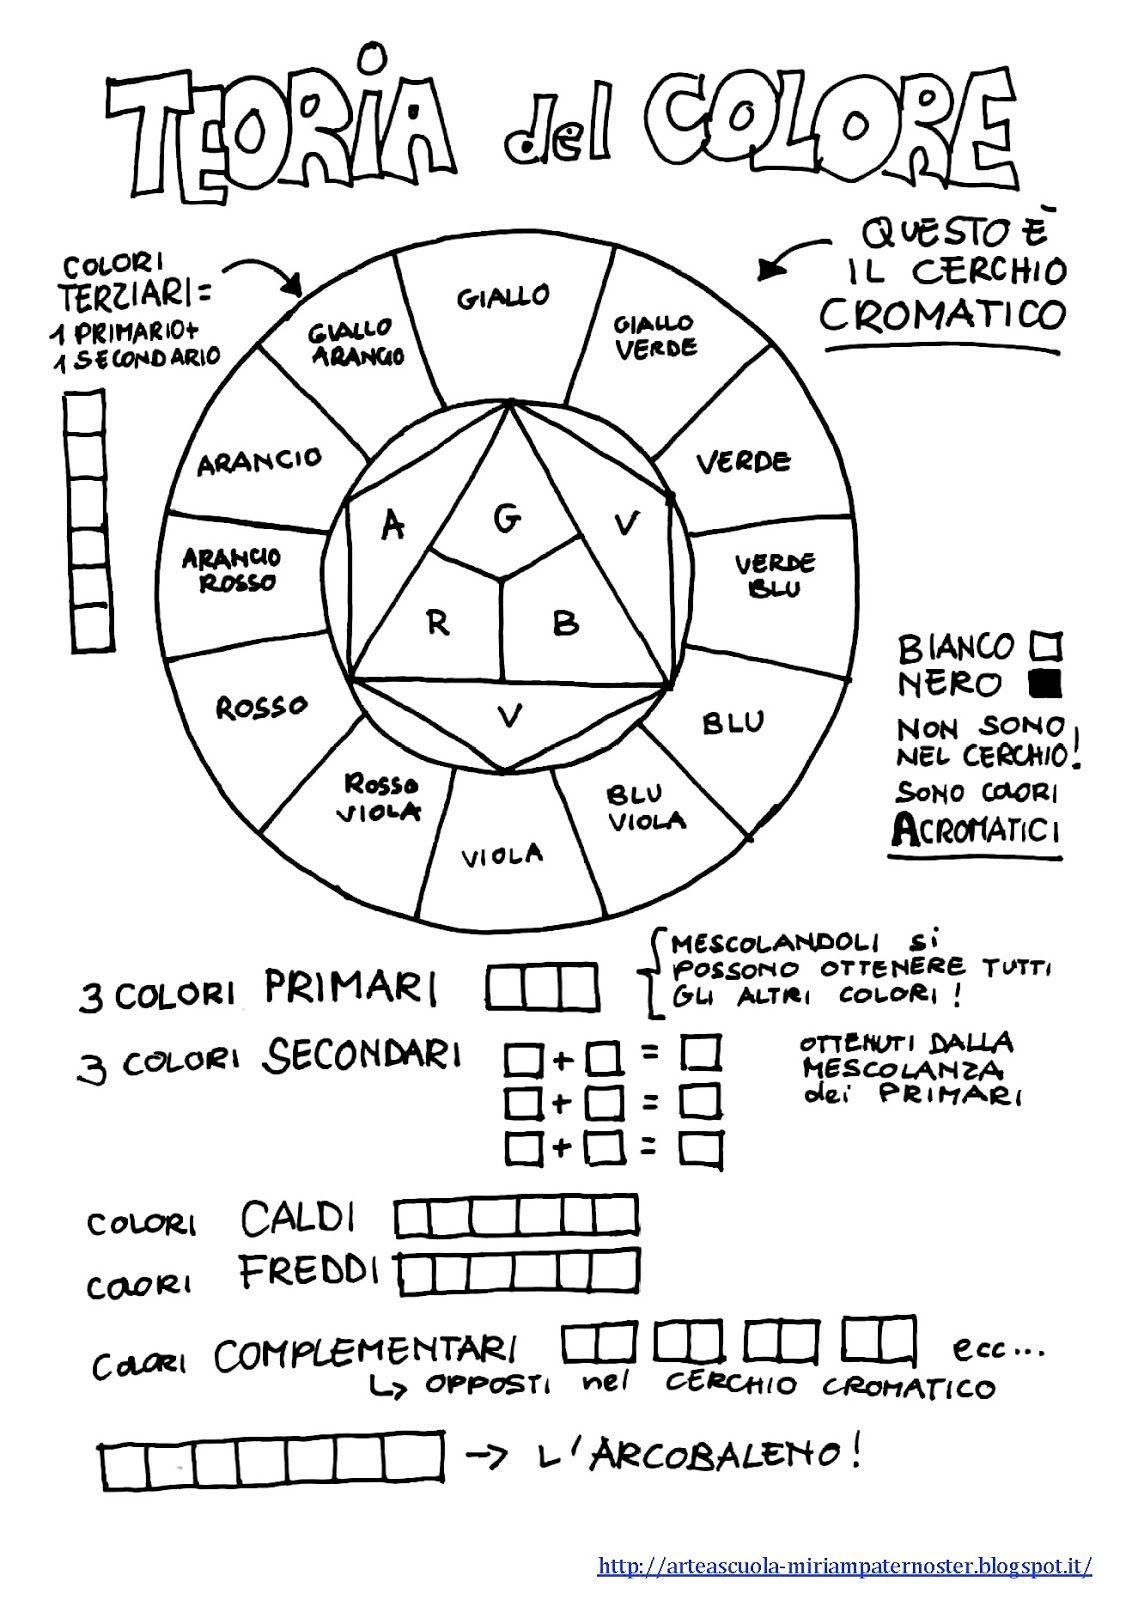 Dopo Aver Cercato Nel Web Un Cerchio Cromatico In Italiano Da